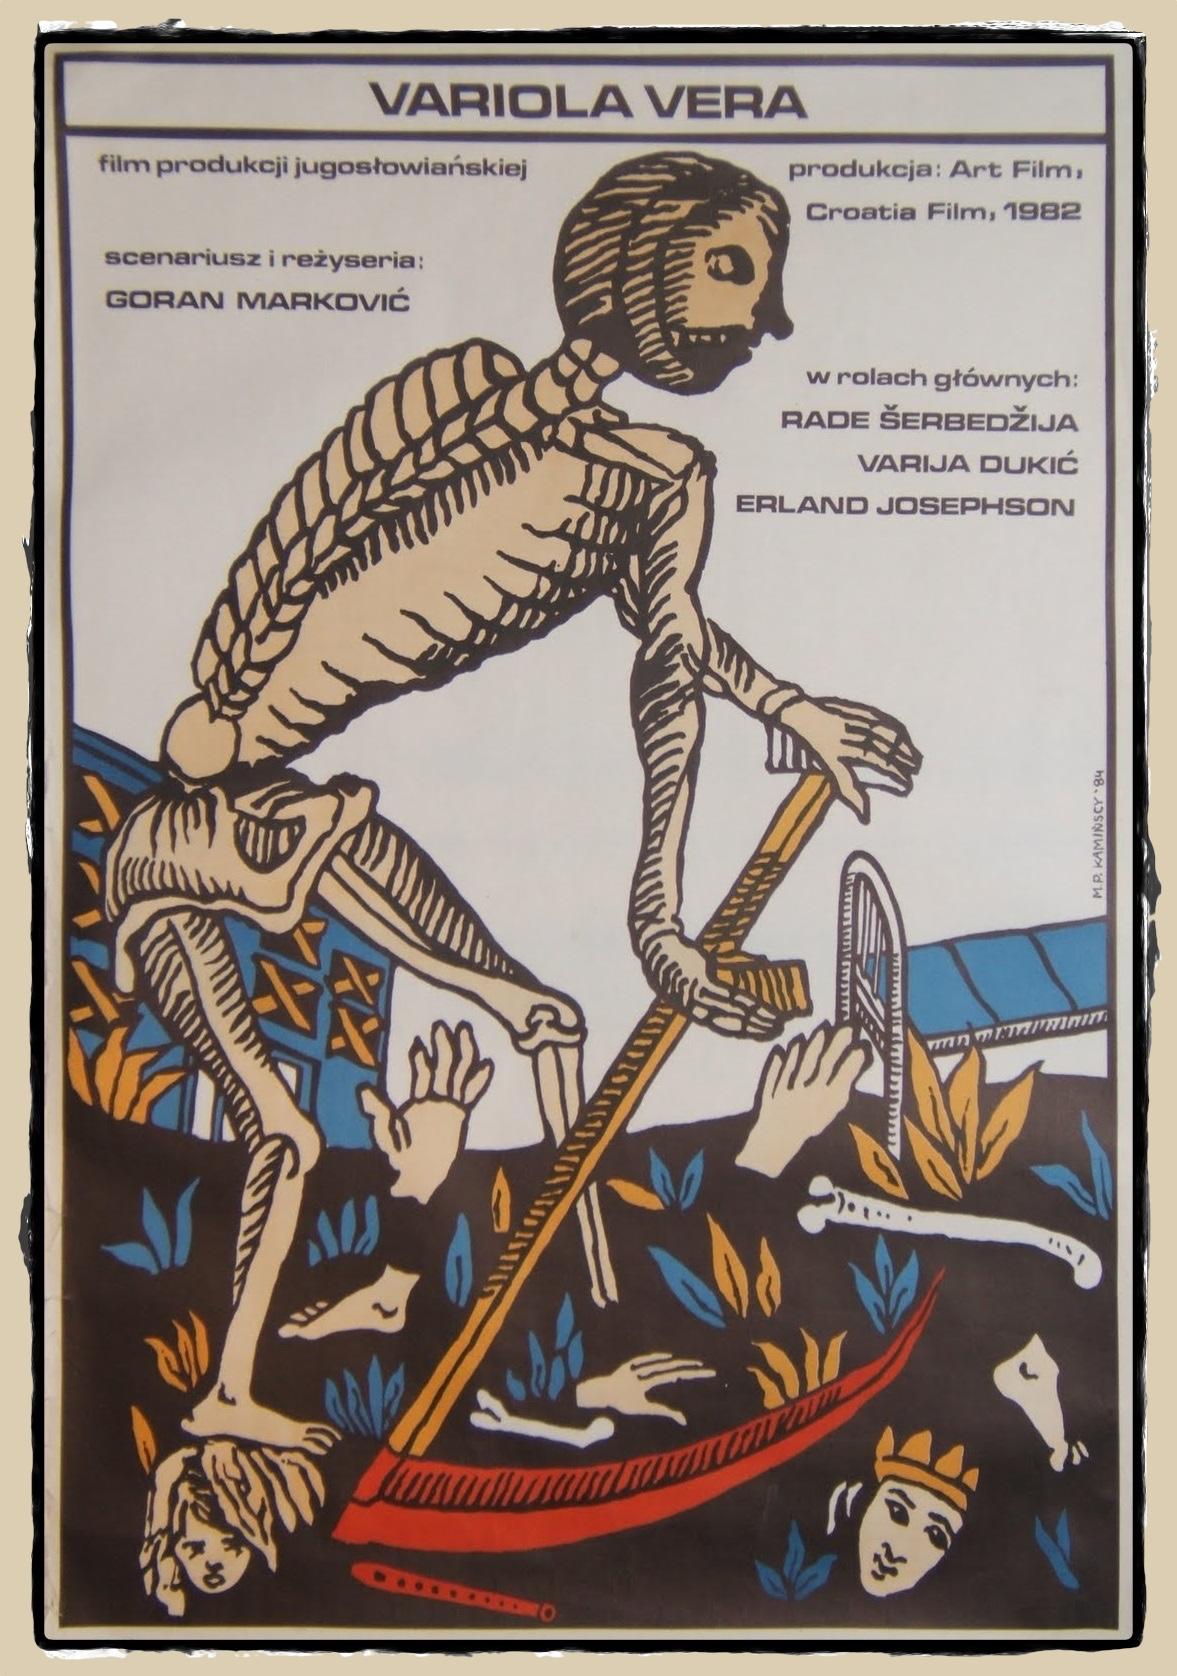 Variola vera (1982)